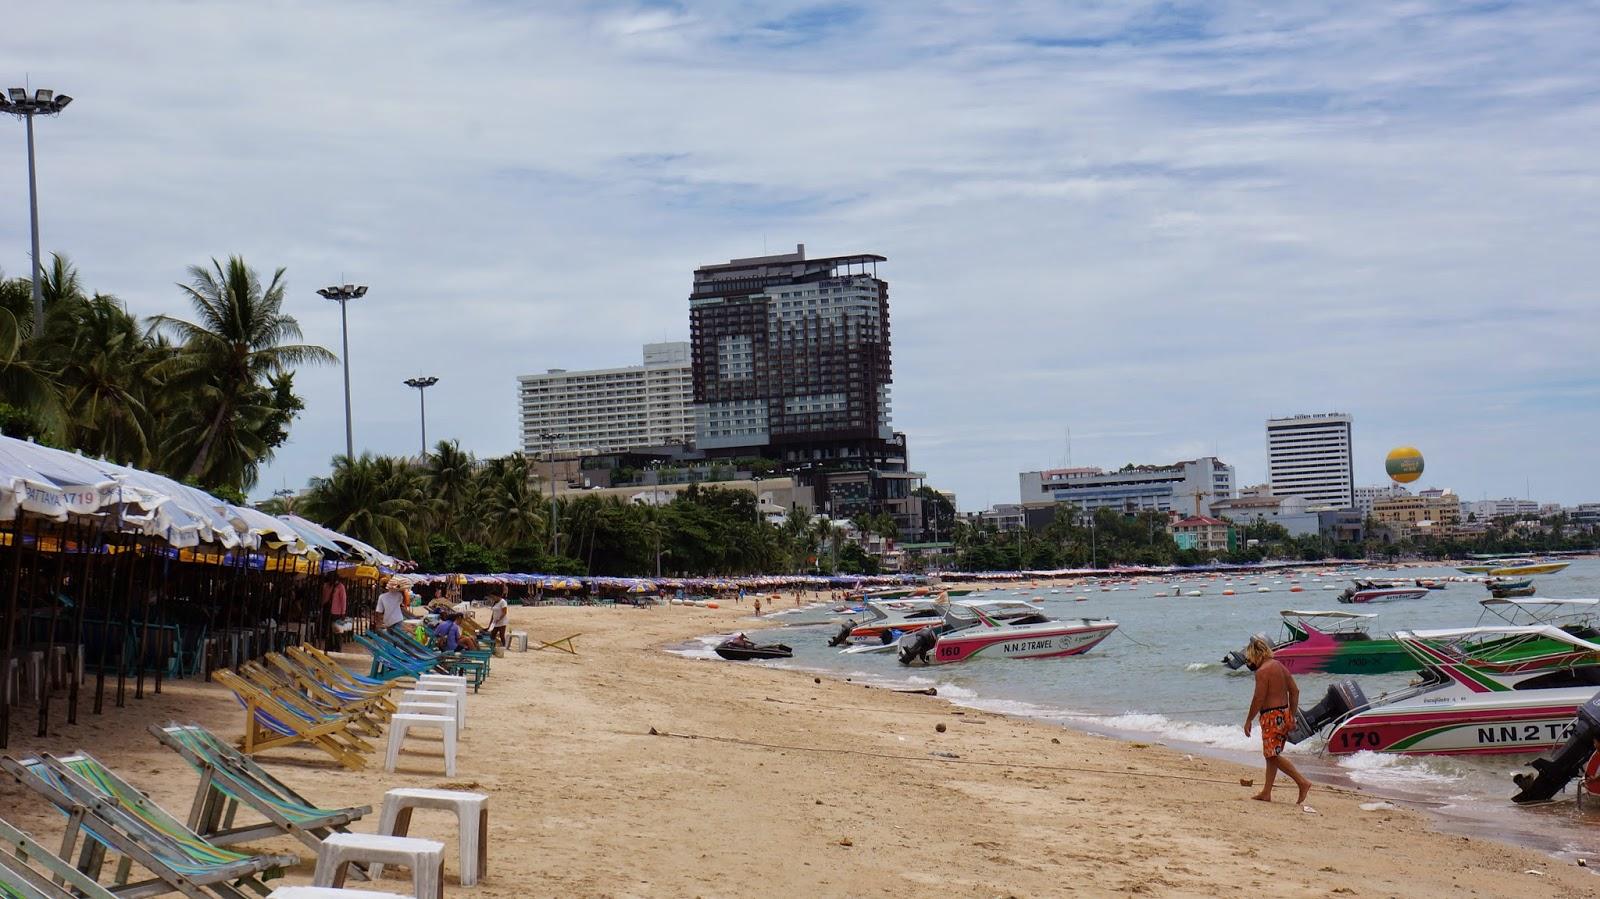 Walking along Pattaya beach